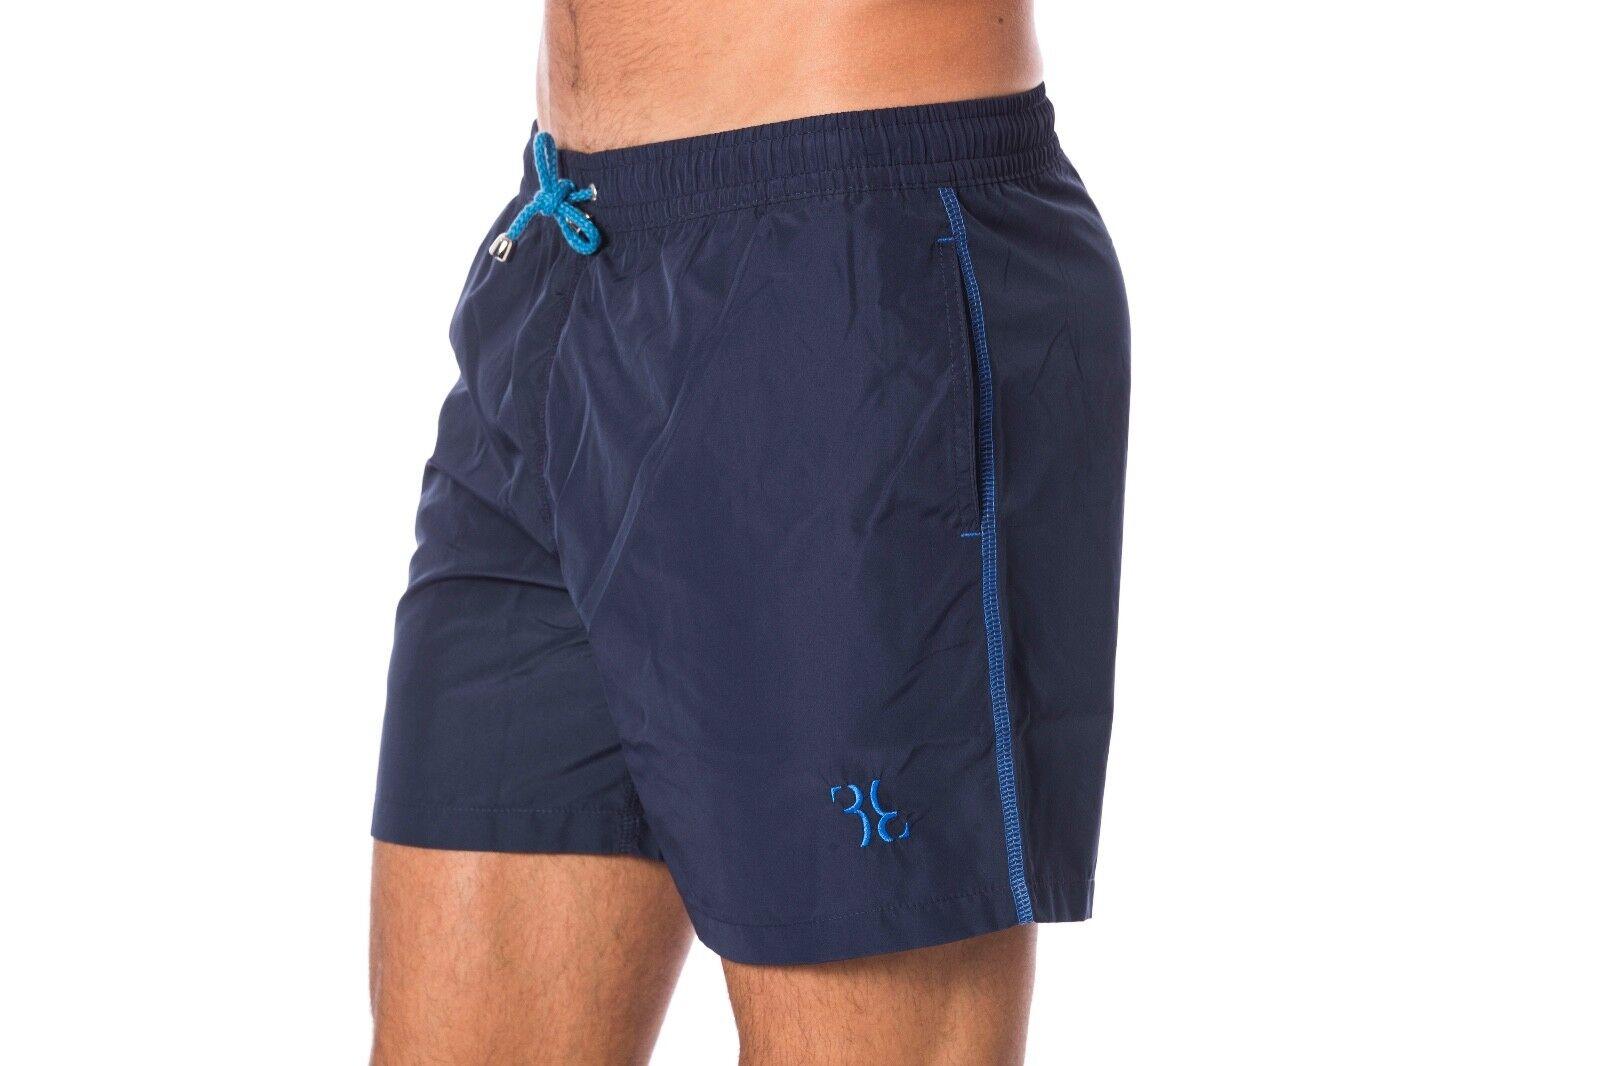 Billionaire Couture Men's Shorts Swimsuit bluee size  S,M,L,XL,XXL,3XL